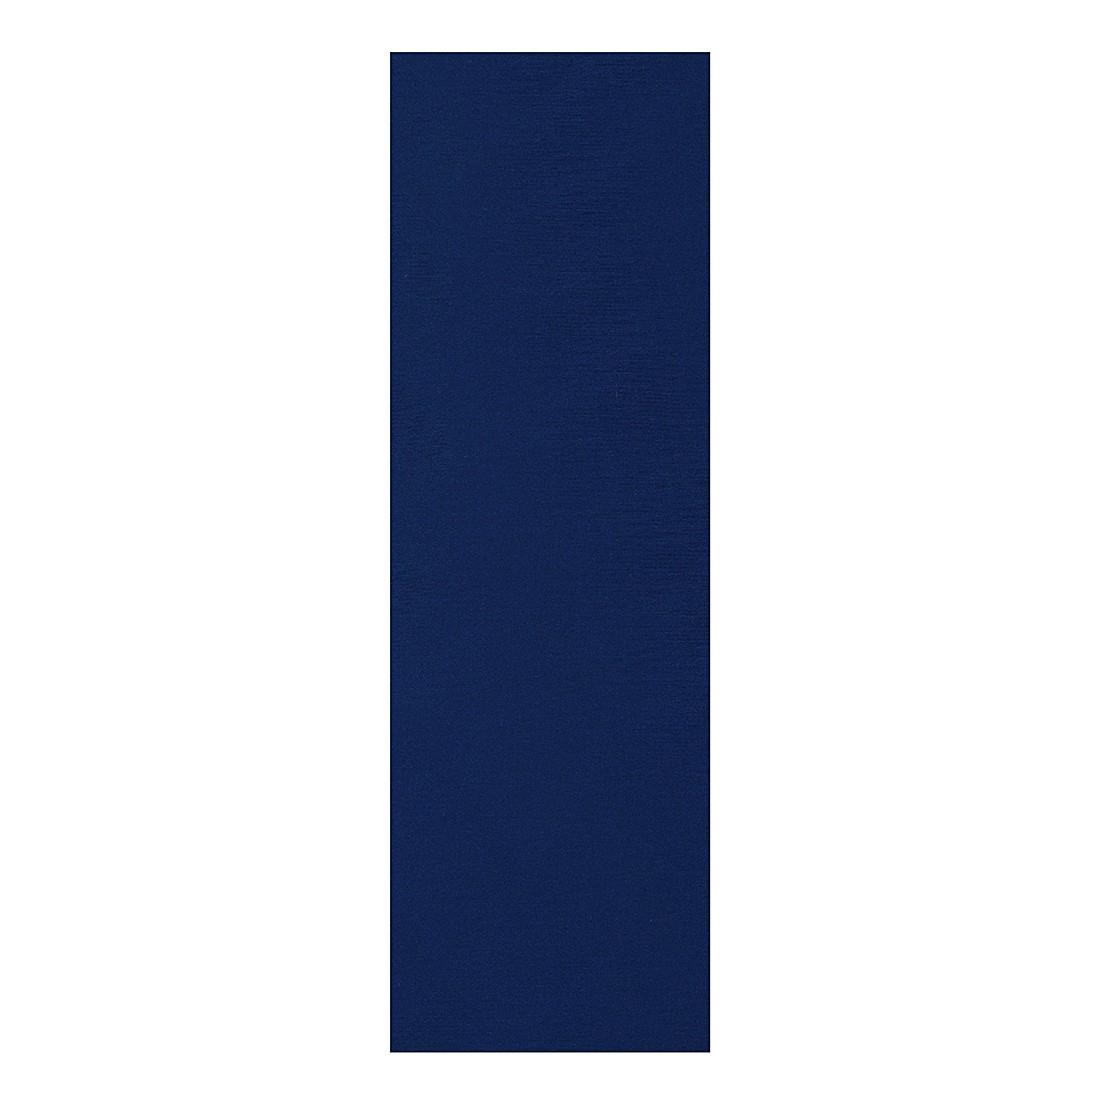 Tischläufer Country – Marine, Villeroy&Boch bestellen